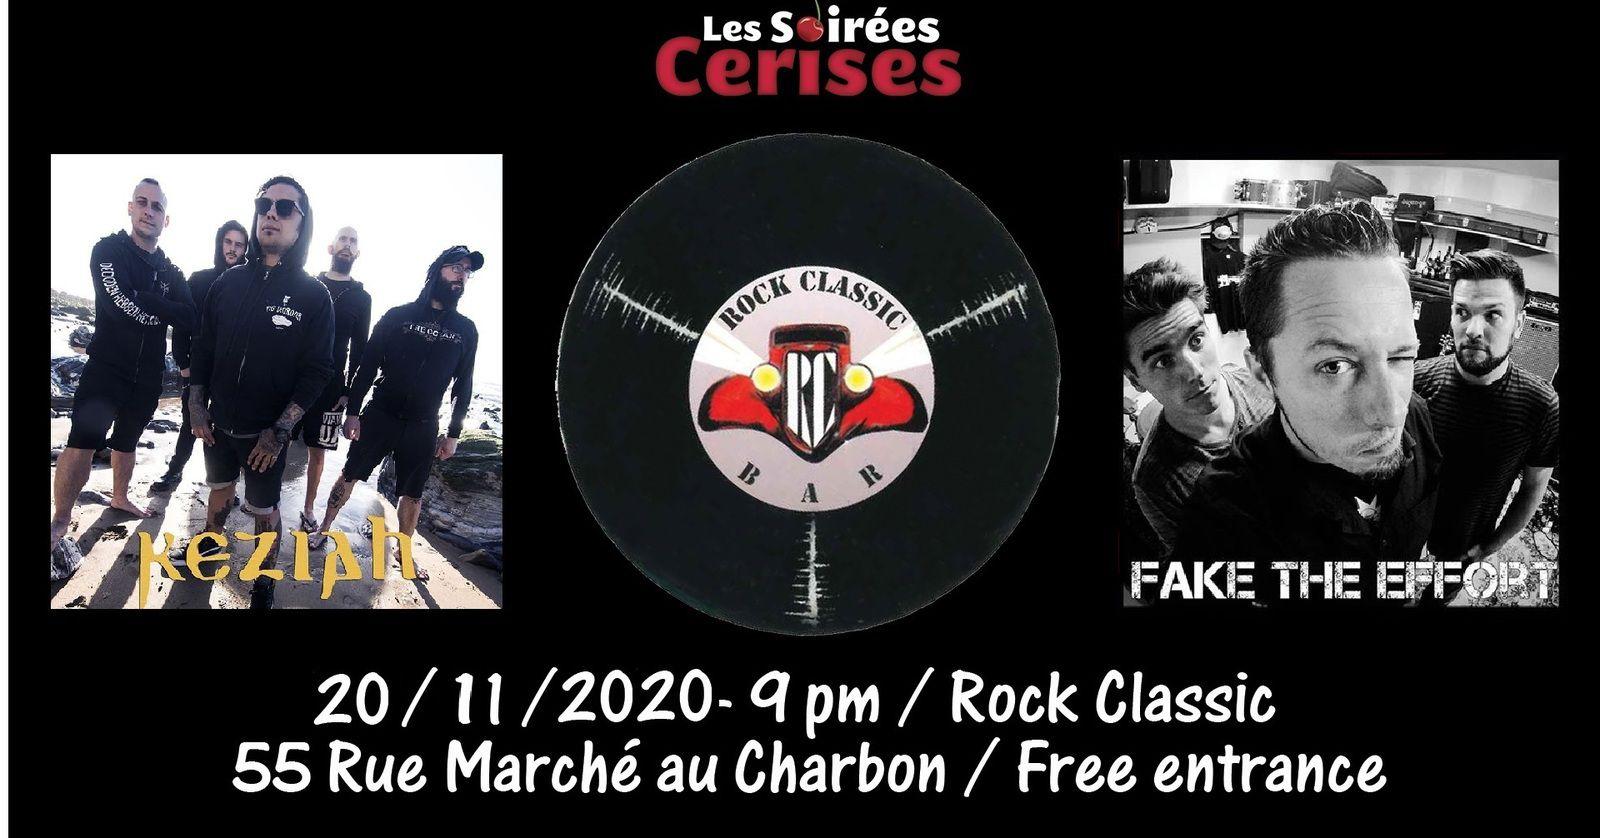 🎵 Keziah *Spain* + Fake the effort / Rock Classic - 20/11/2020 - Entrée gratuite / Free entrance